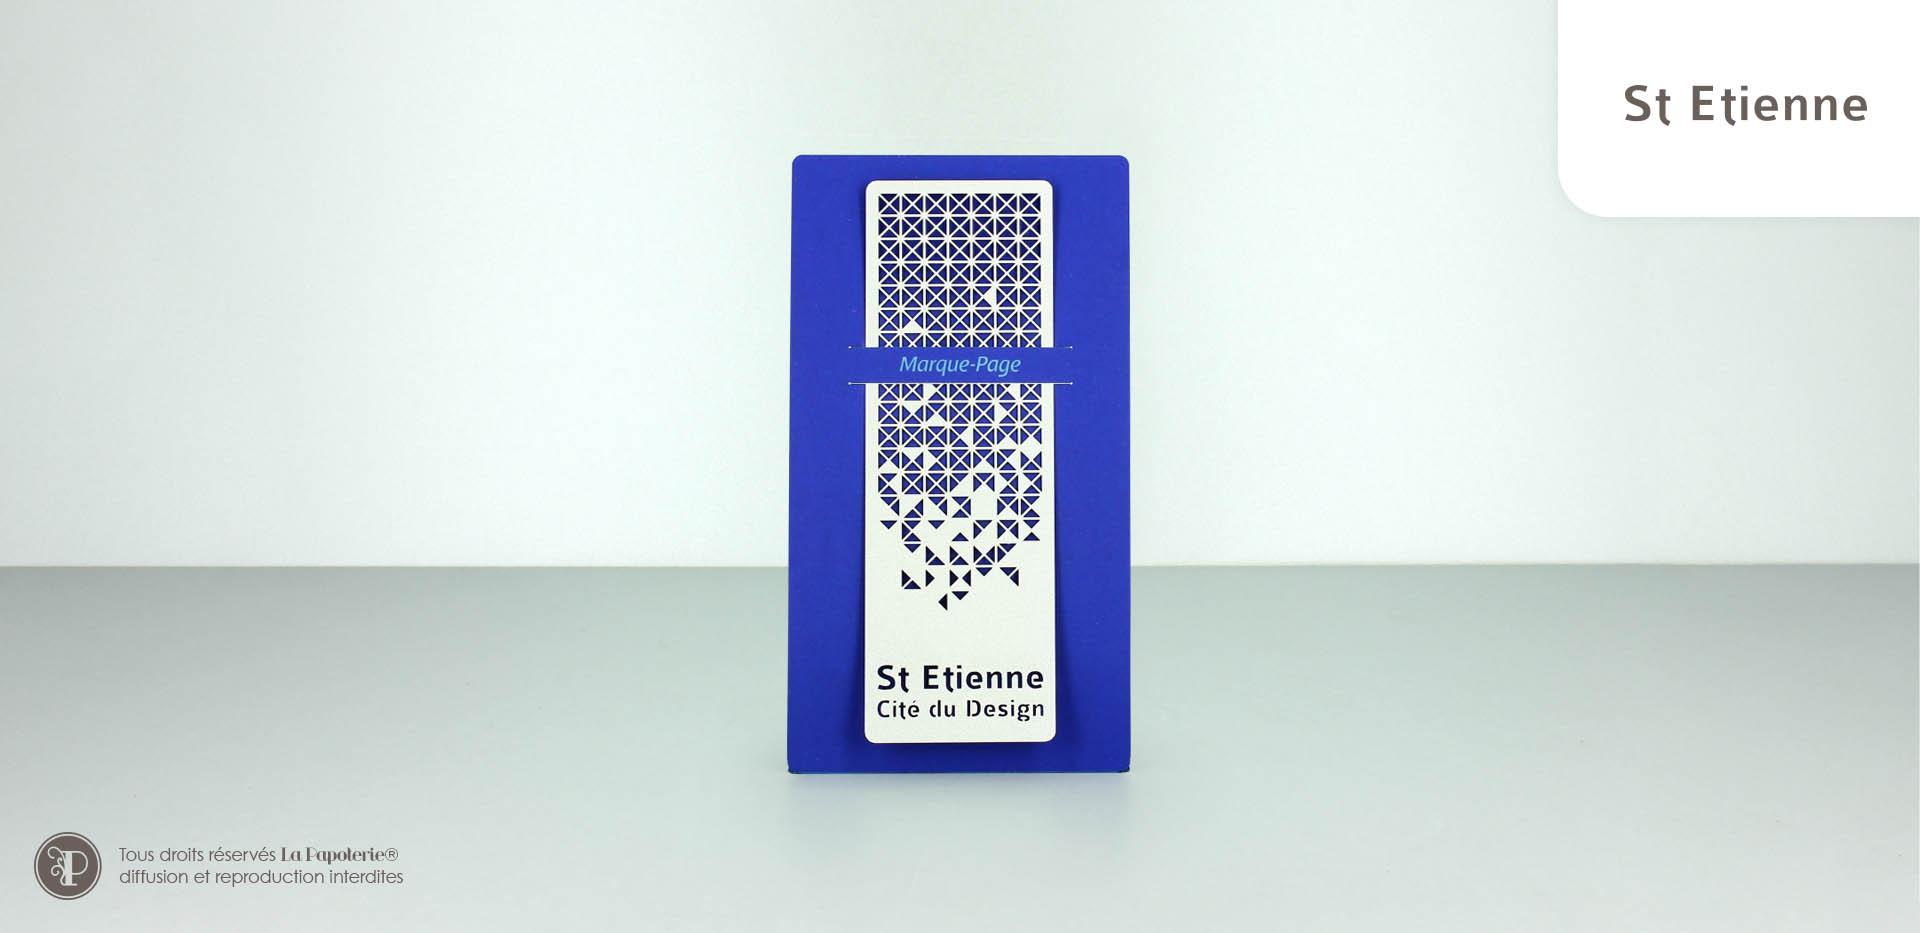 La Papoterie st-etienne-marque-page-xl Marque-page XL St Etienne